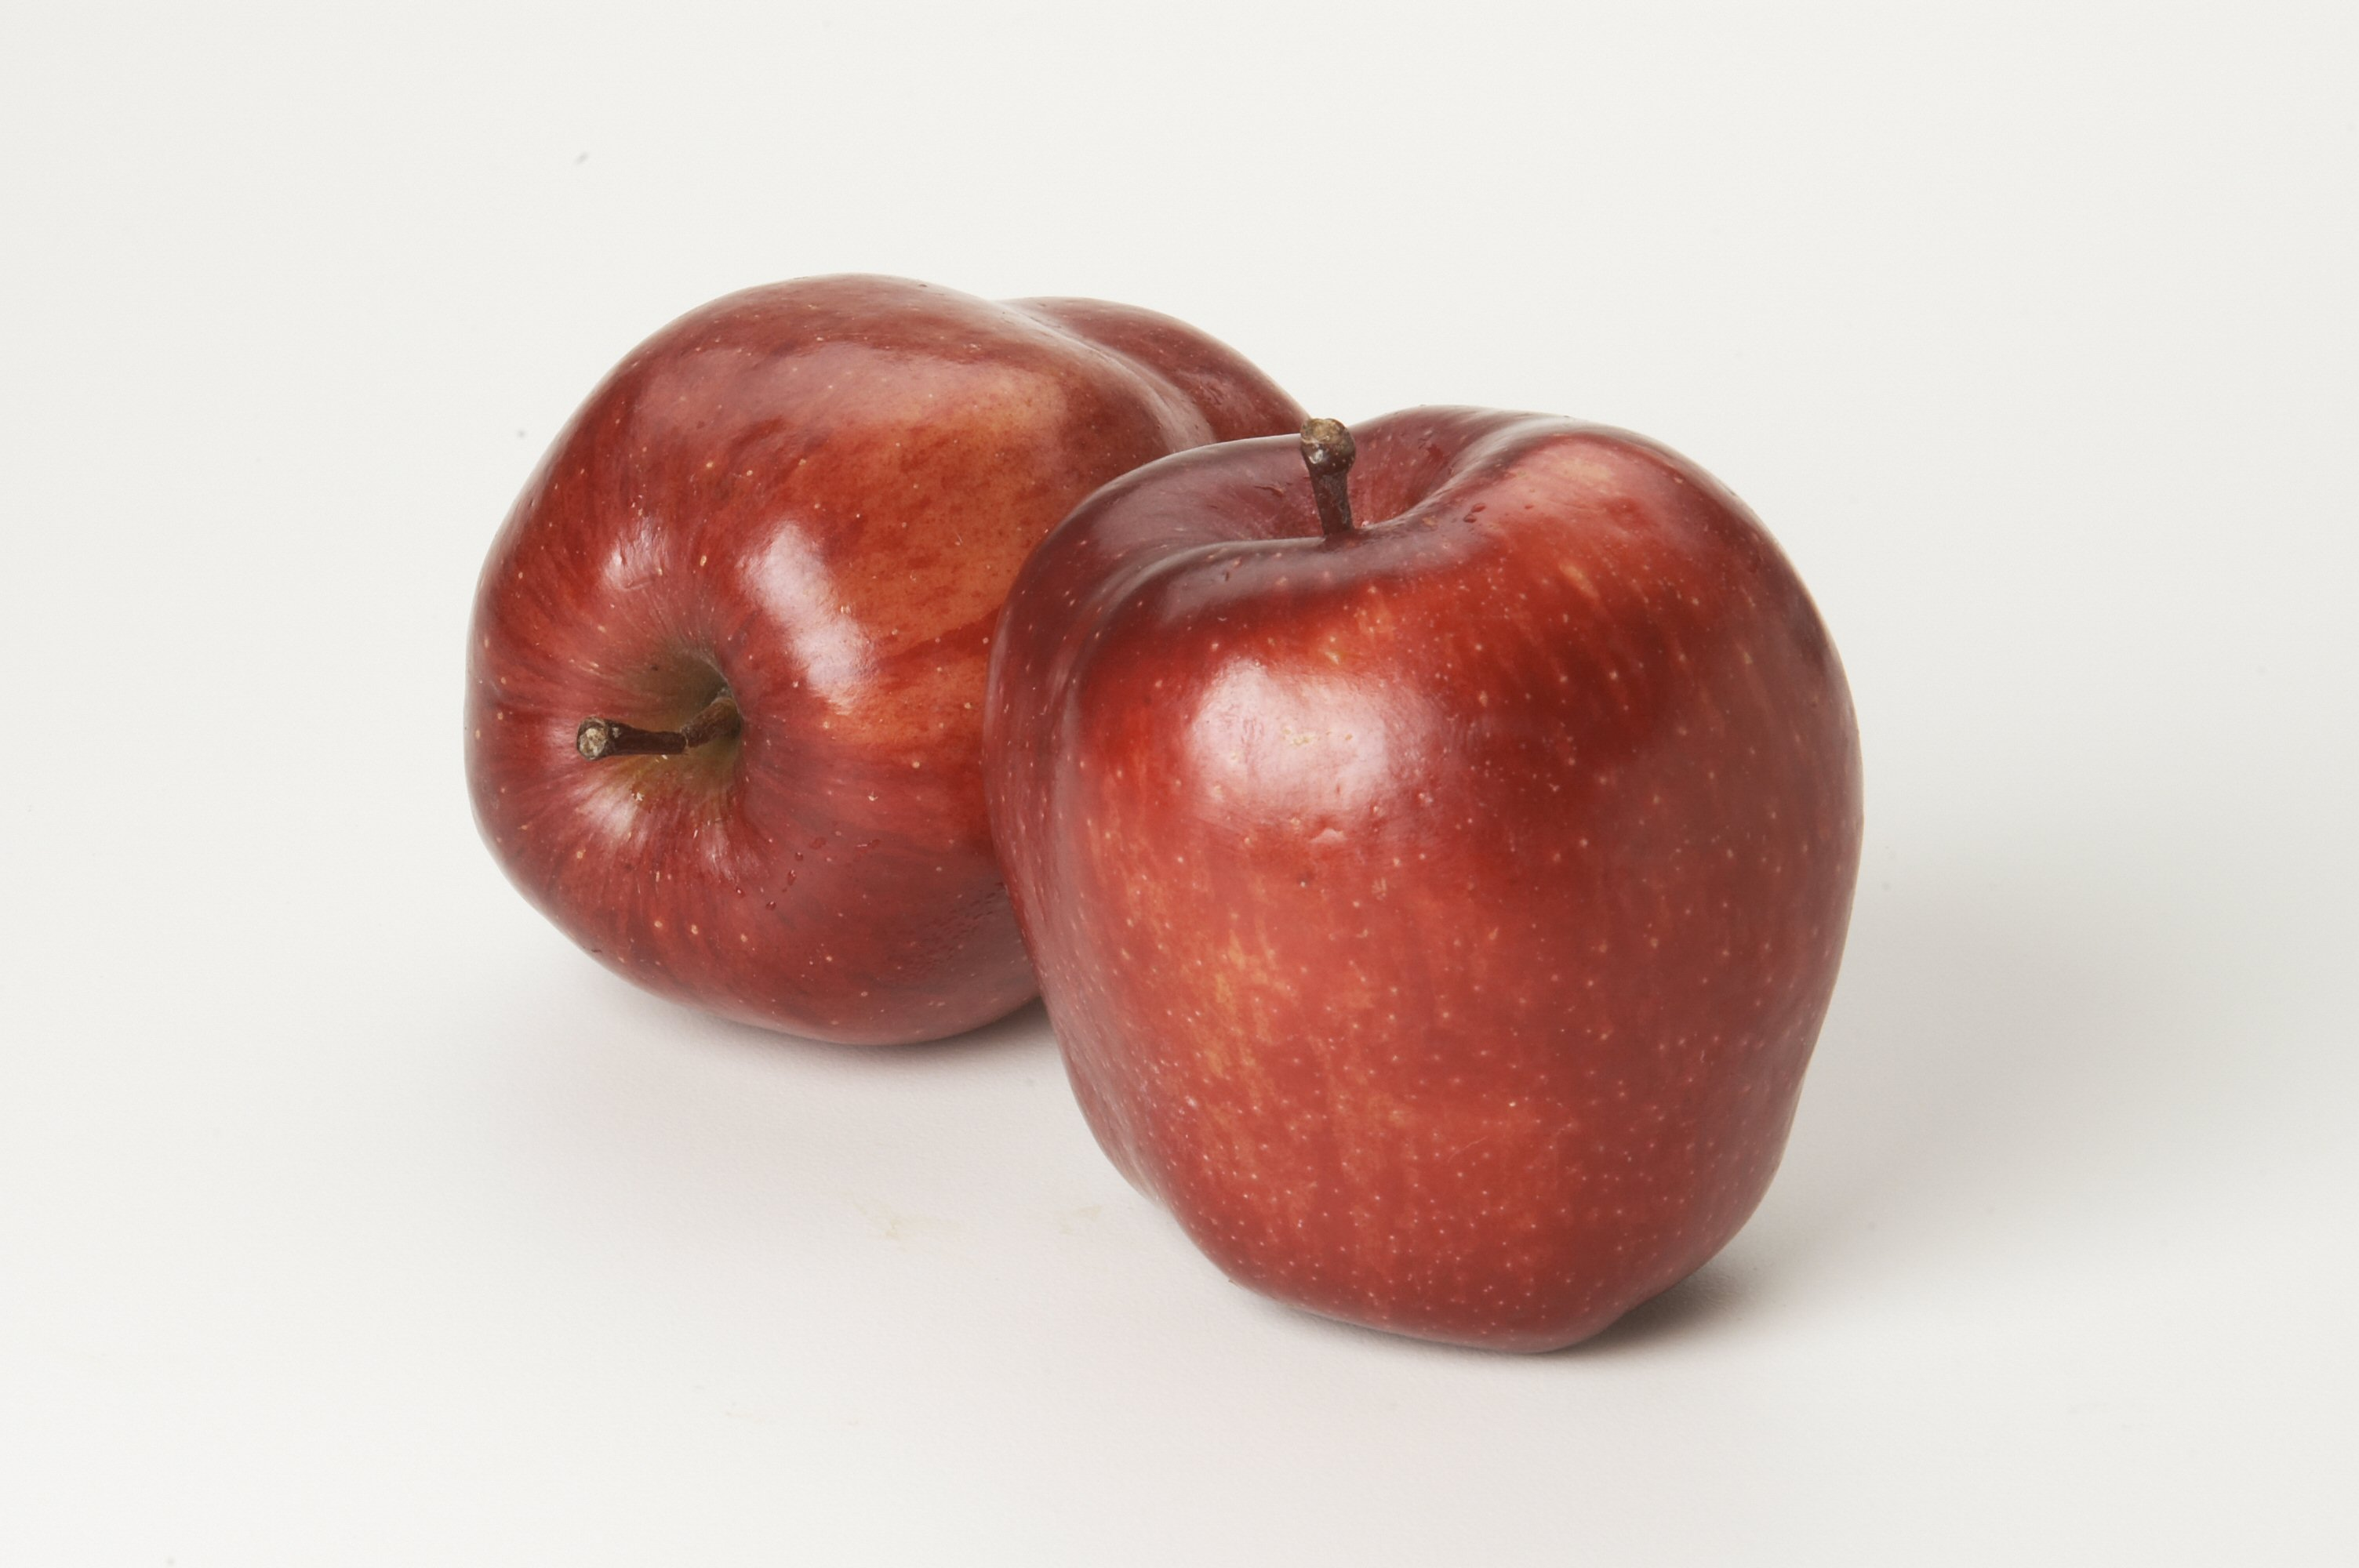 переписке фотки яблоки делишес прибытию сборный